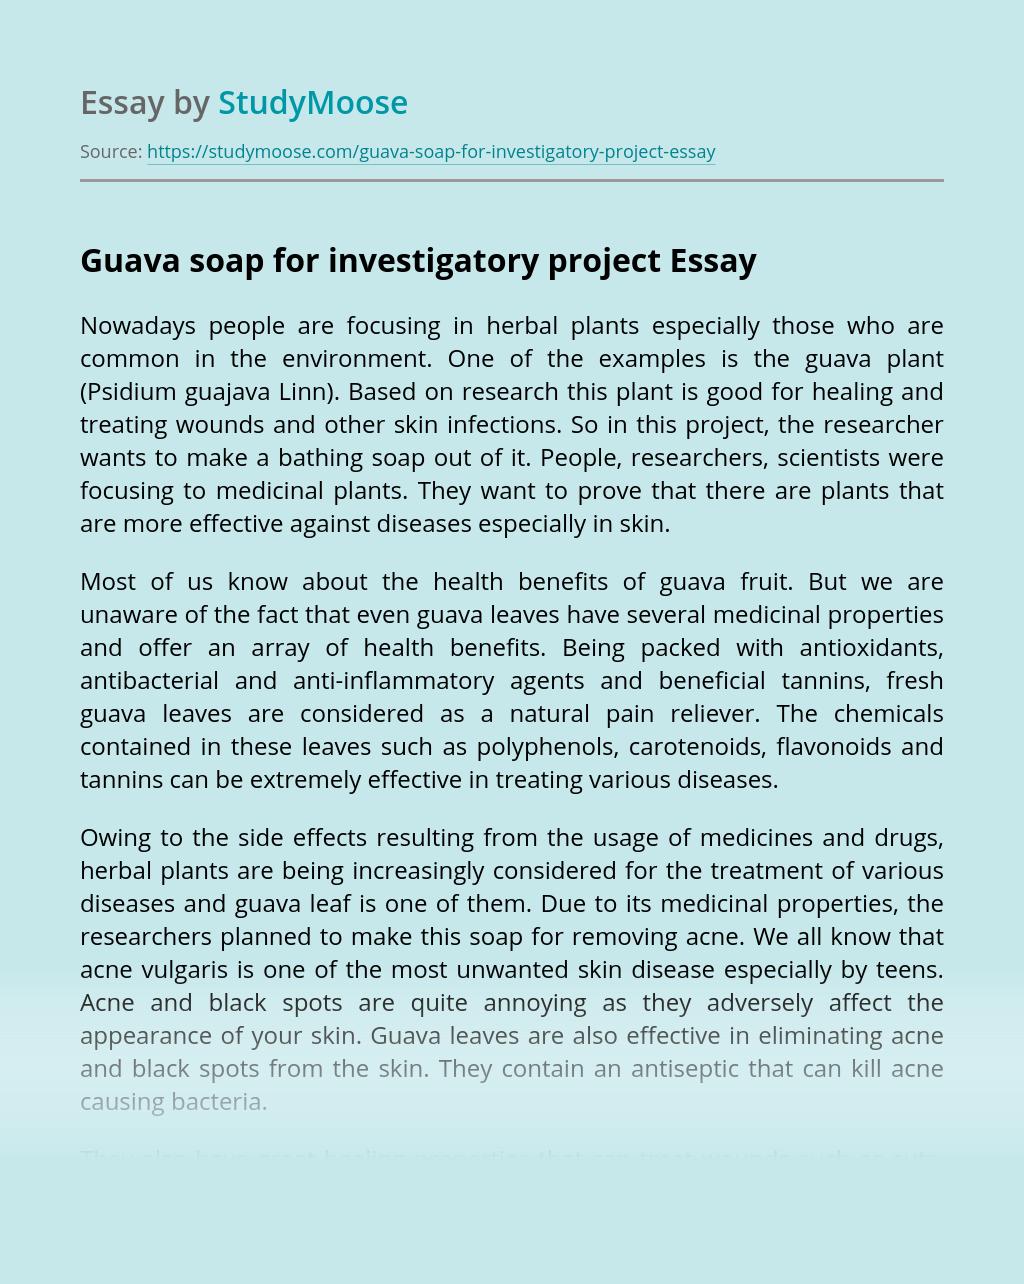 Guava soap for investigatory project